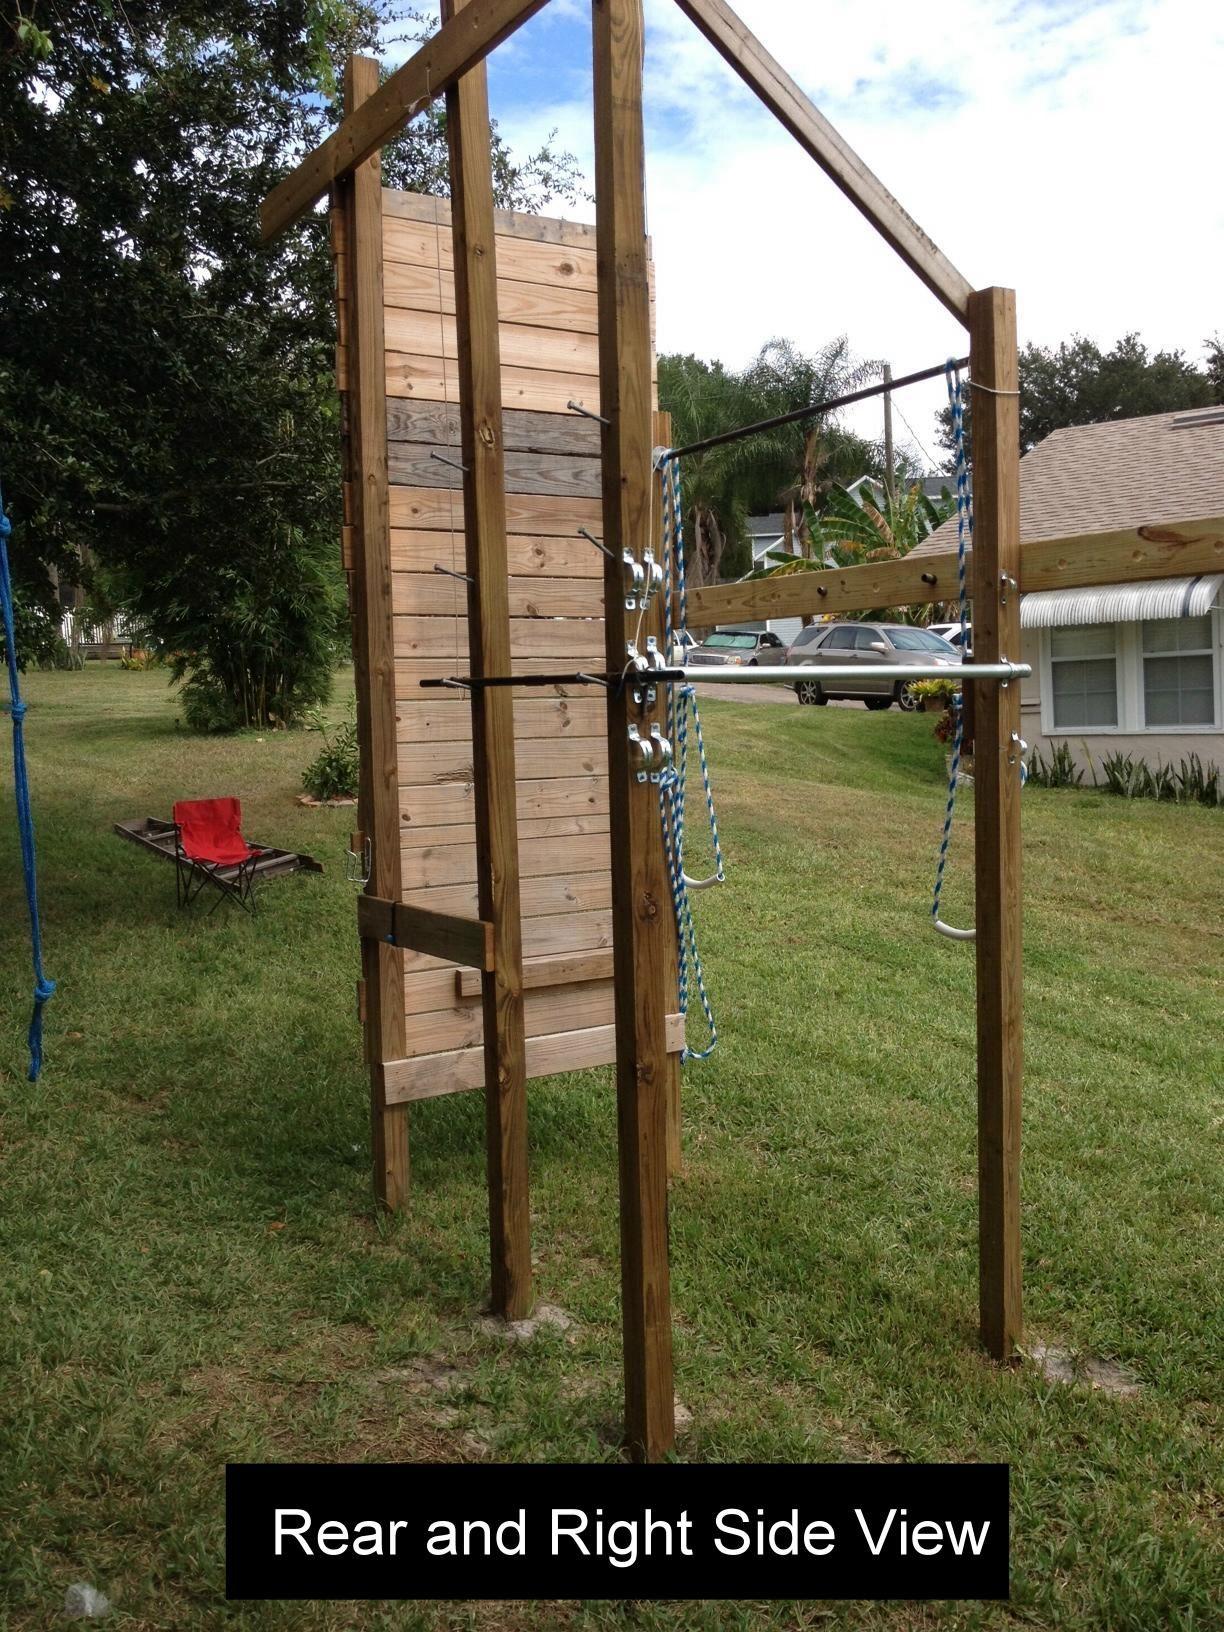 Ninja Warrior Training Station Ninja Warrior Ninja Warrior Course Backyard Obstacle Course Diy backyard ninja warrior course